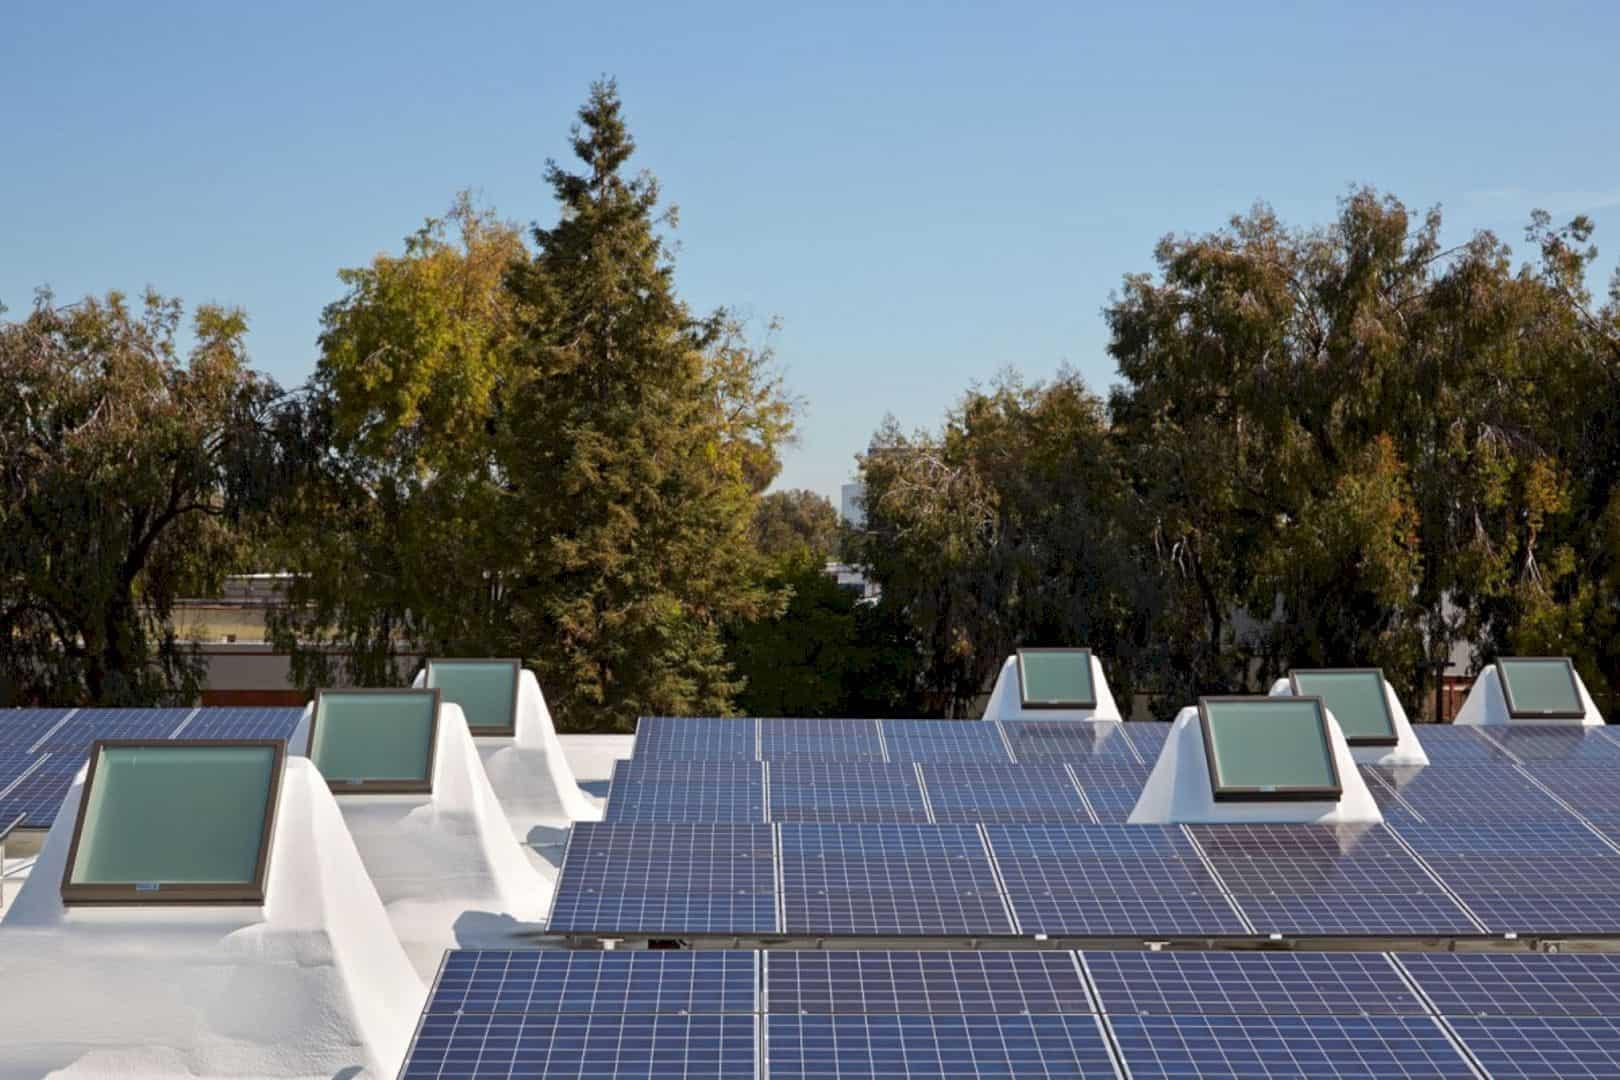 435 Indio Way Net Zero Energy Offices In Sunnyvale 4